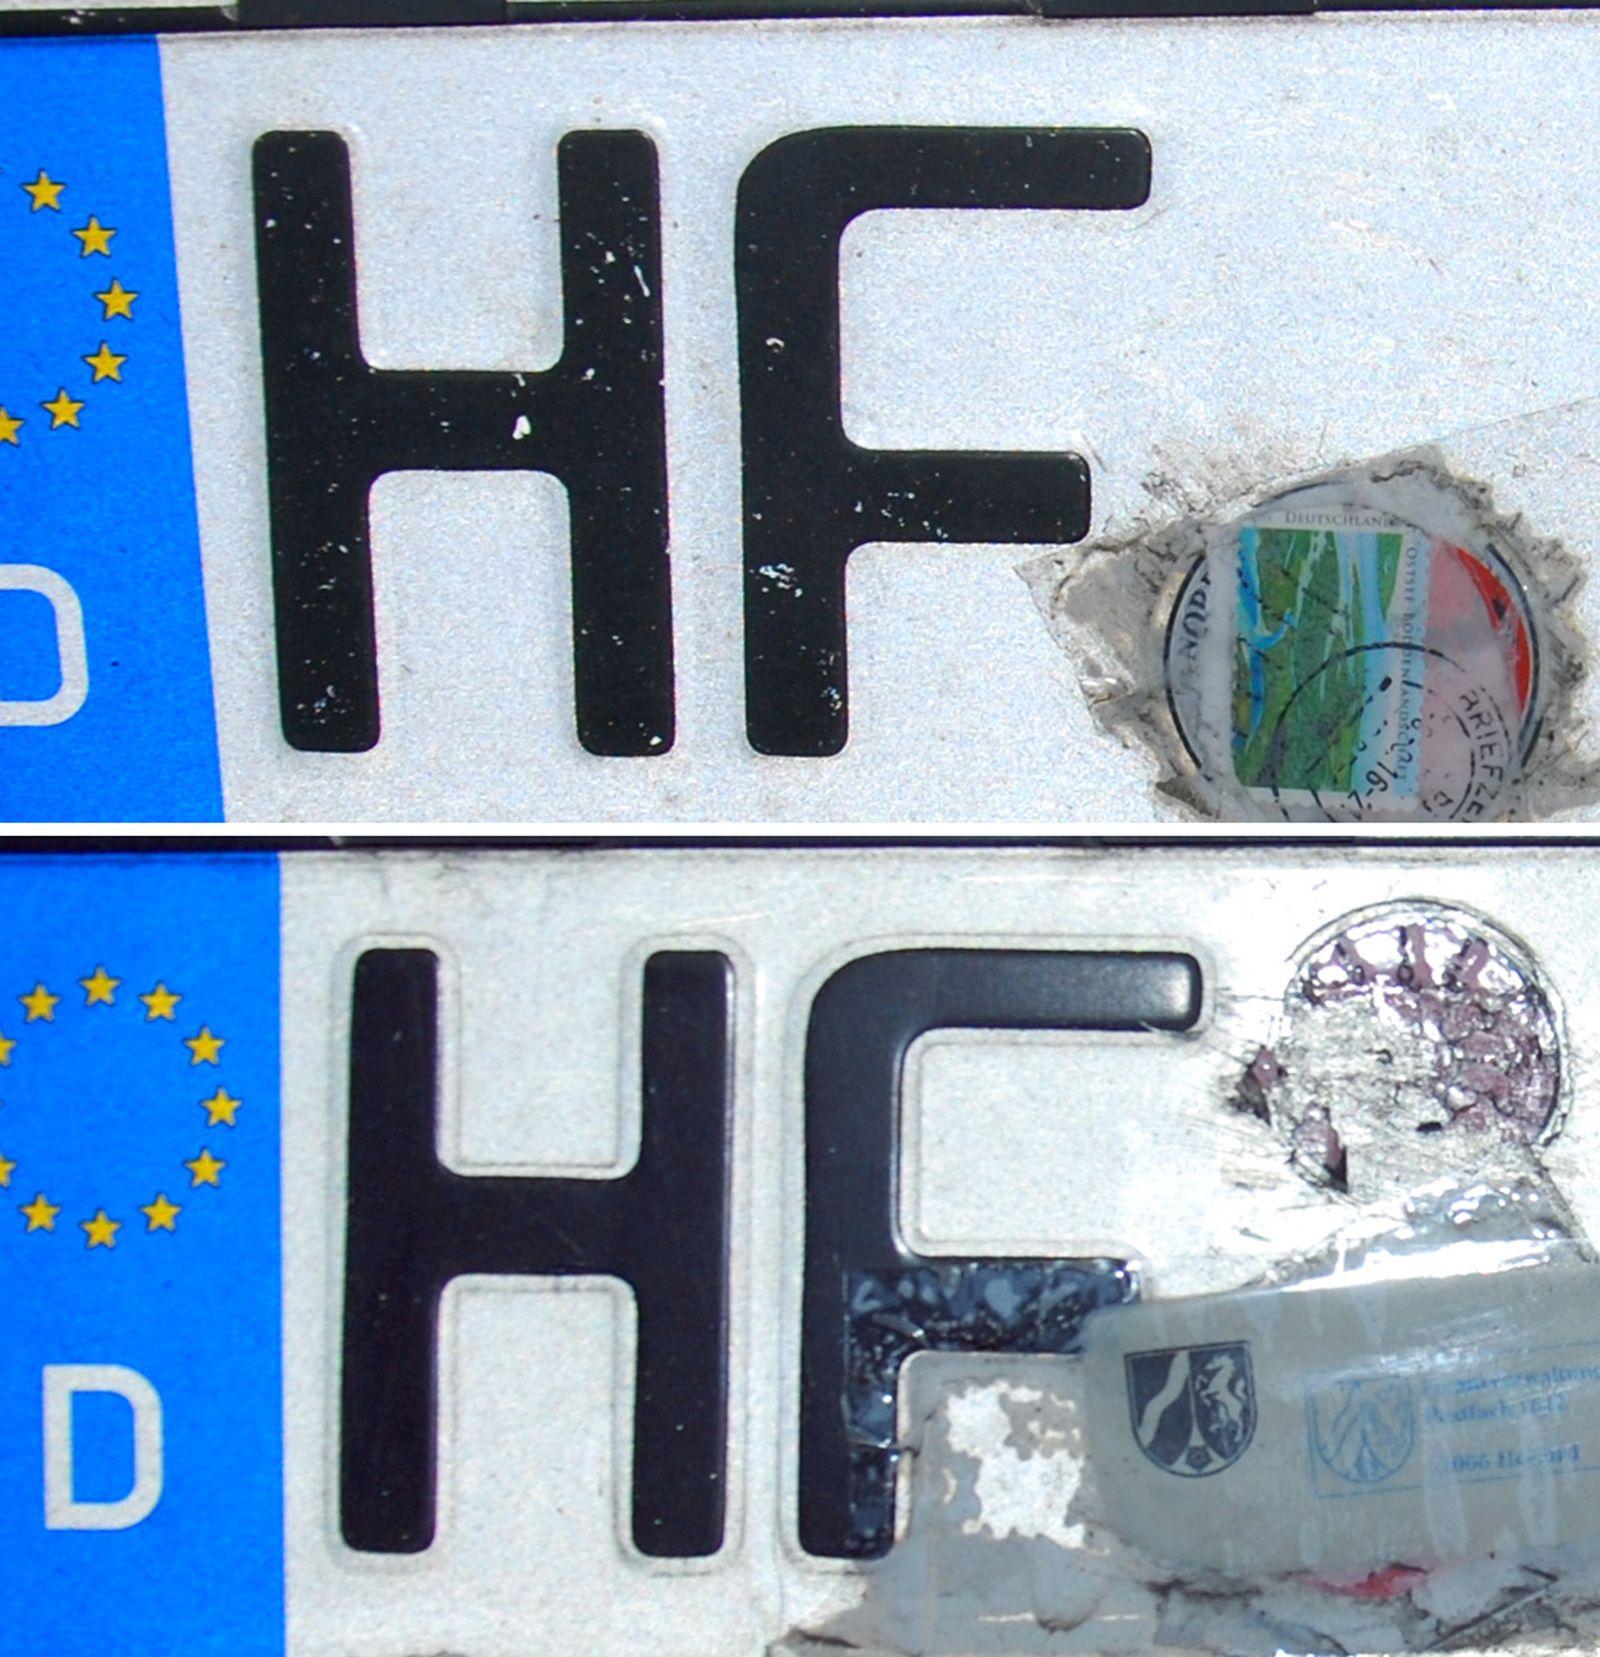 Briefmarke statt TÜV-Siegel